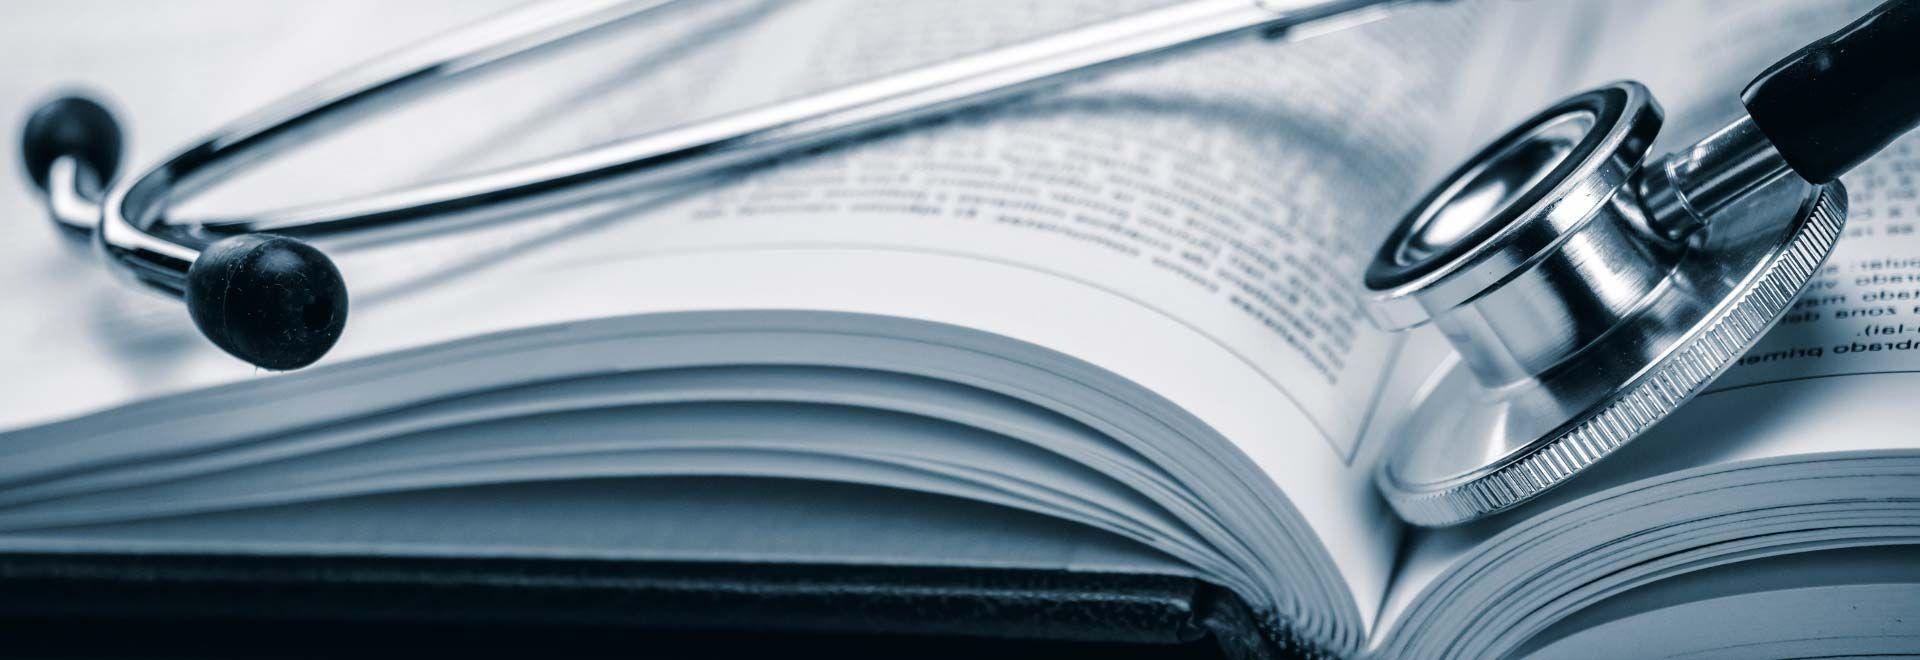 Ein Stethoskop liegt auf einem Buch